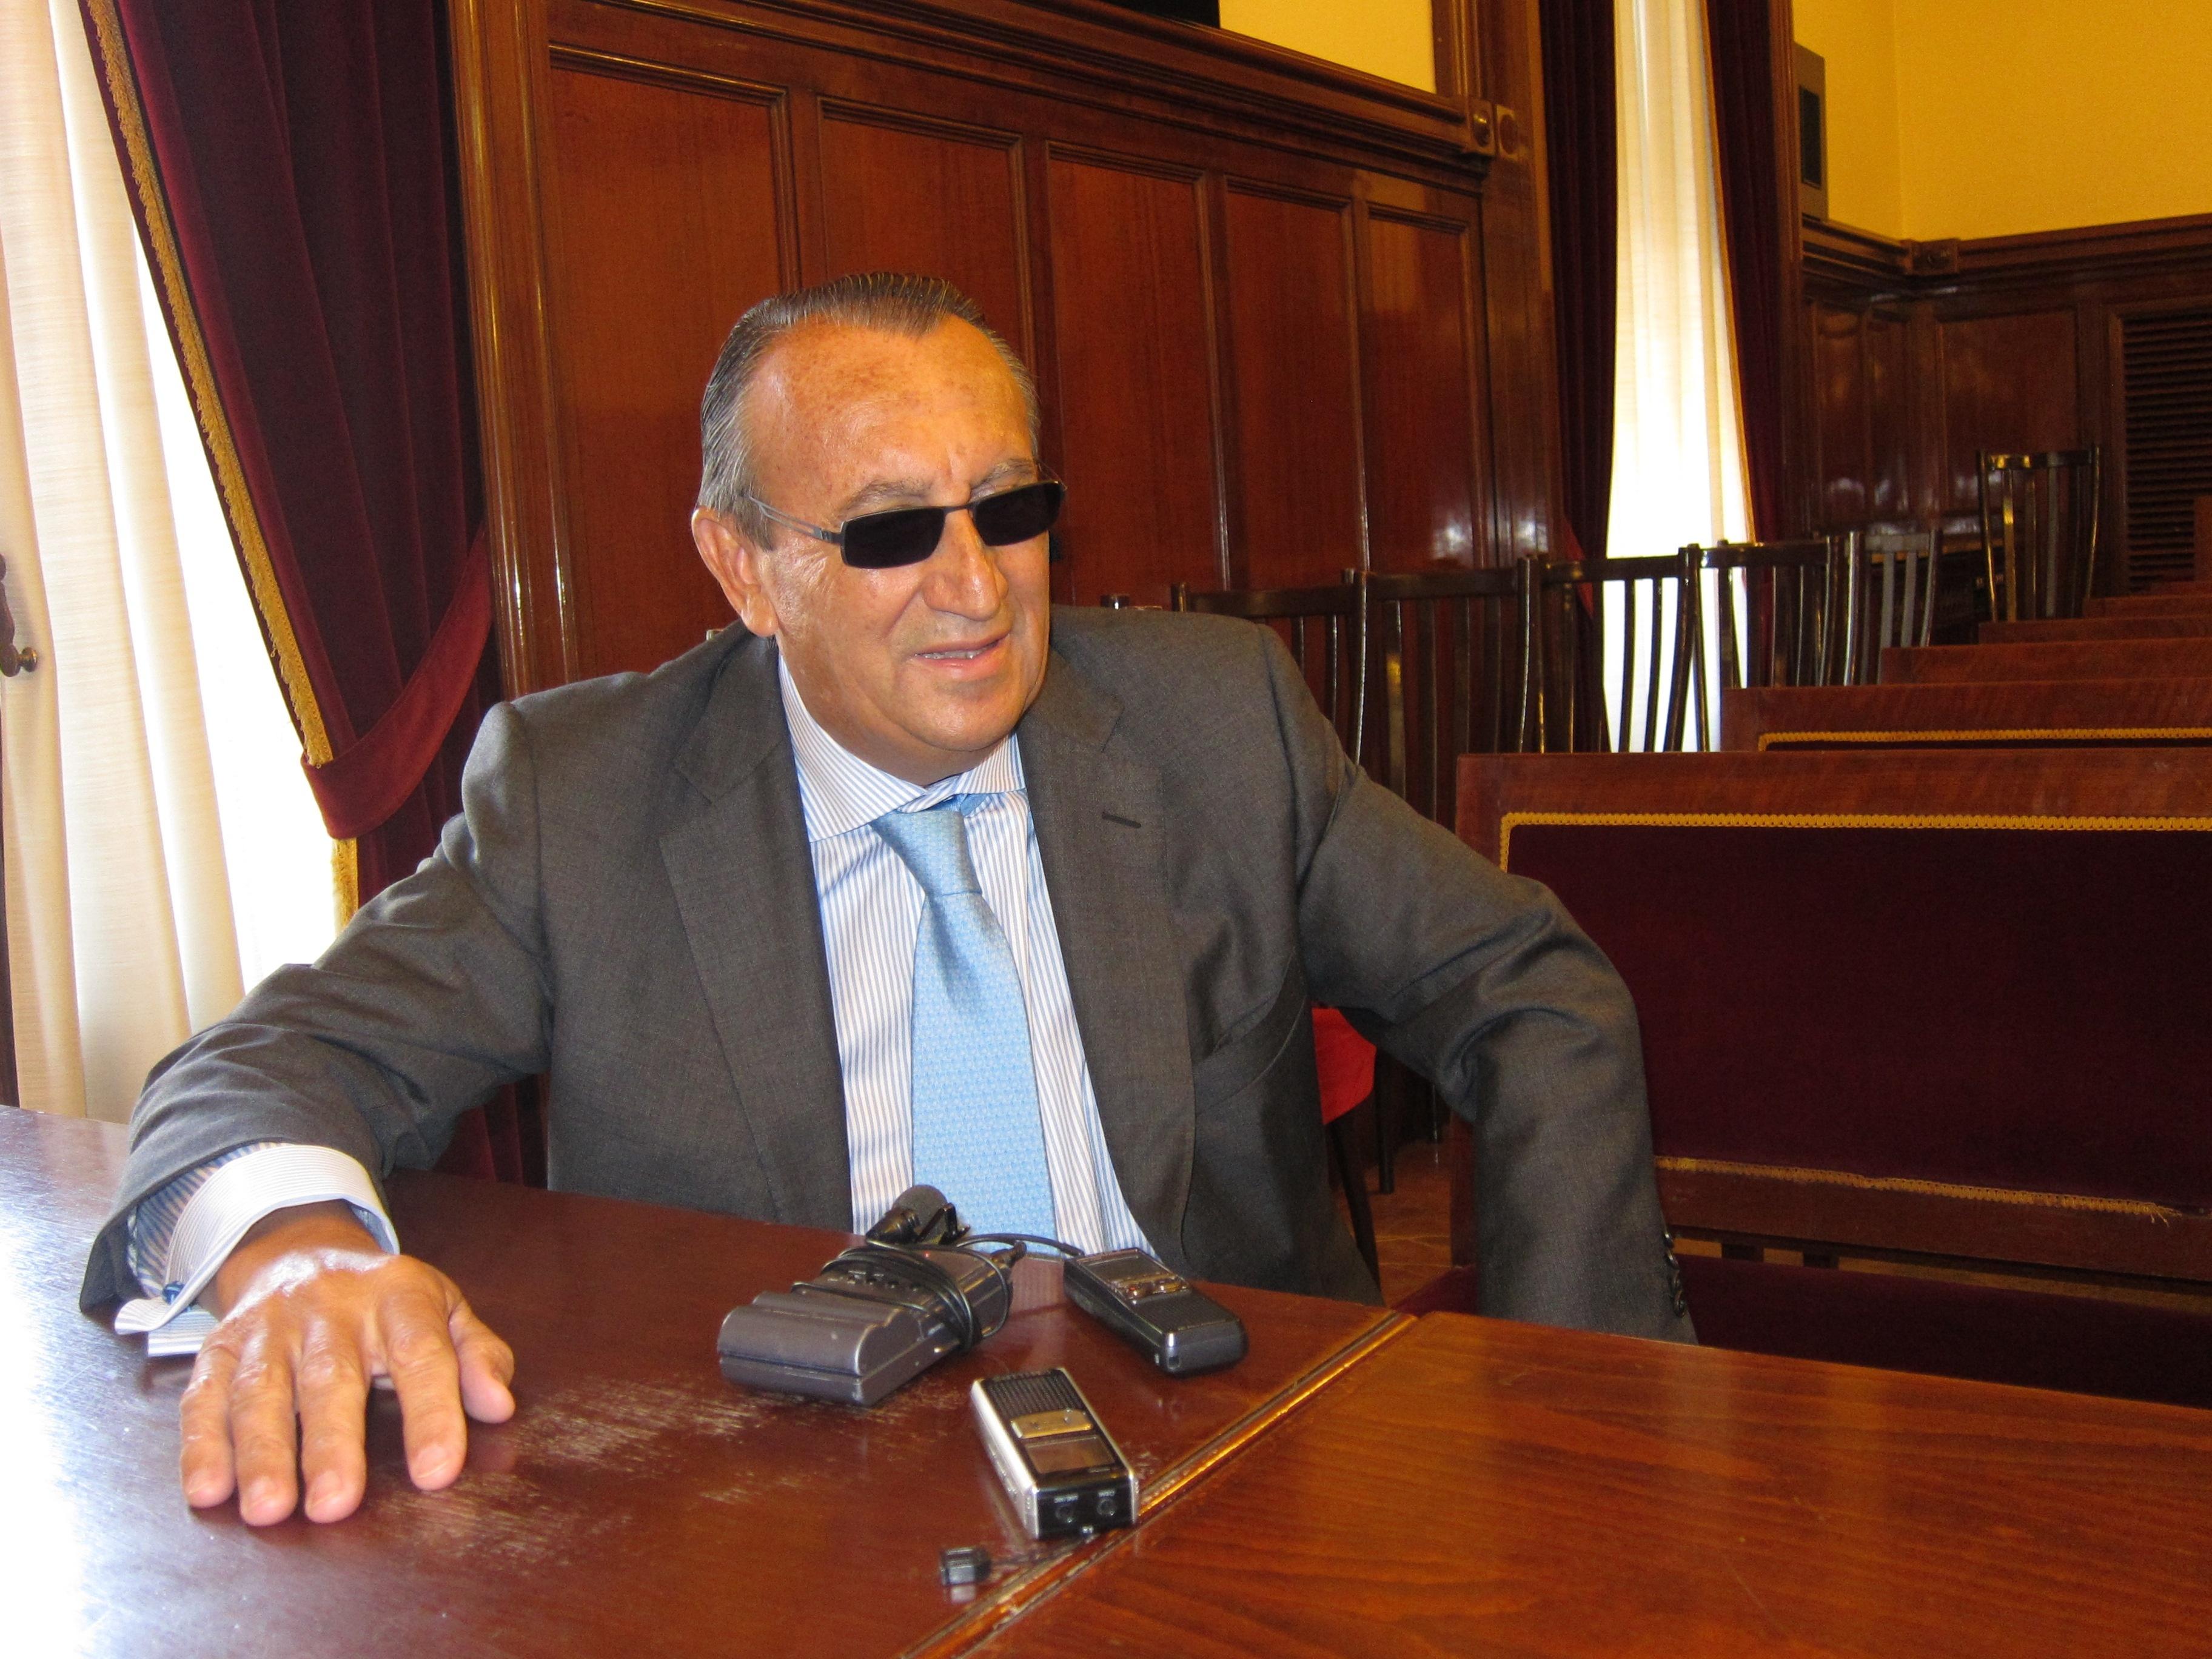 Carlos Fabra no sabe si votará al PP en las próximas elecciones y asegura no conocer a Javier Moliner